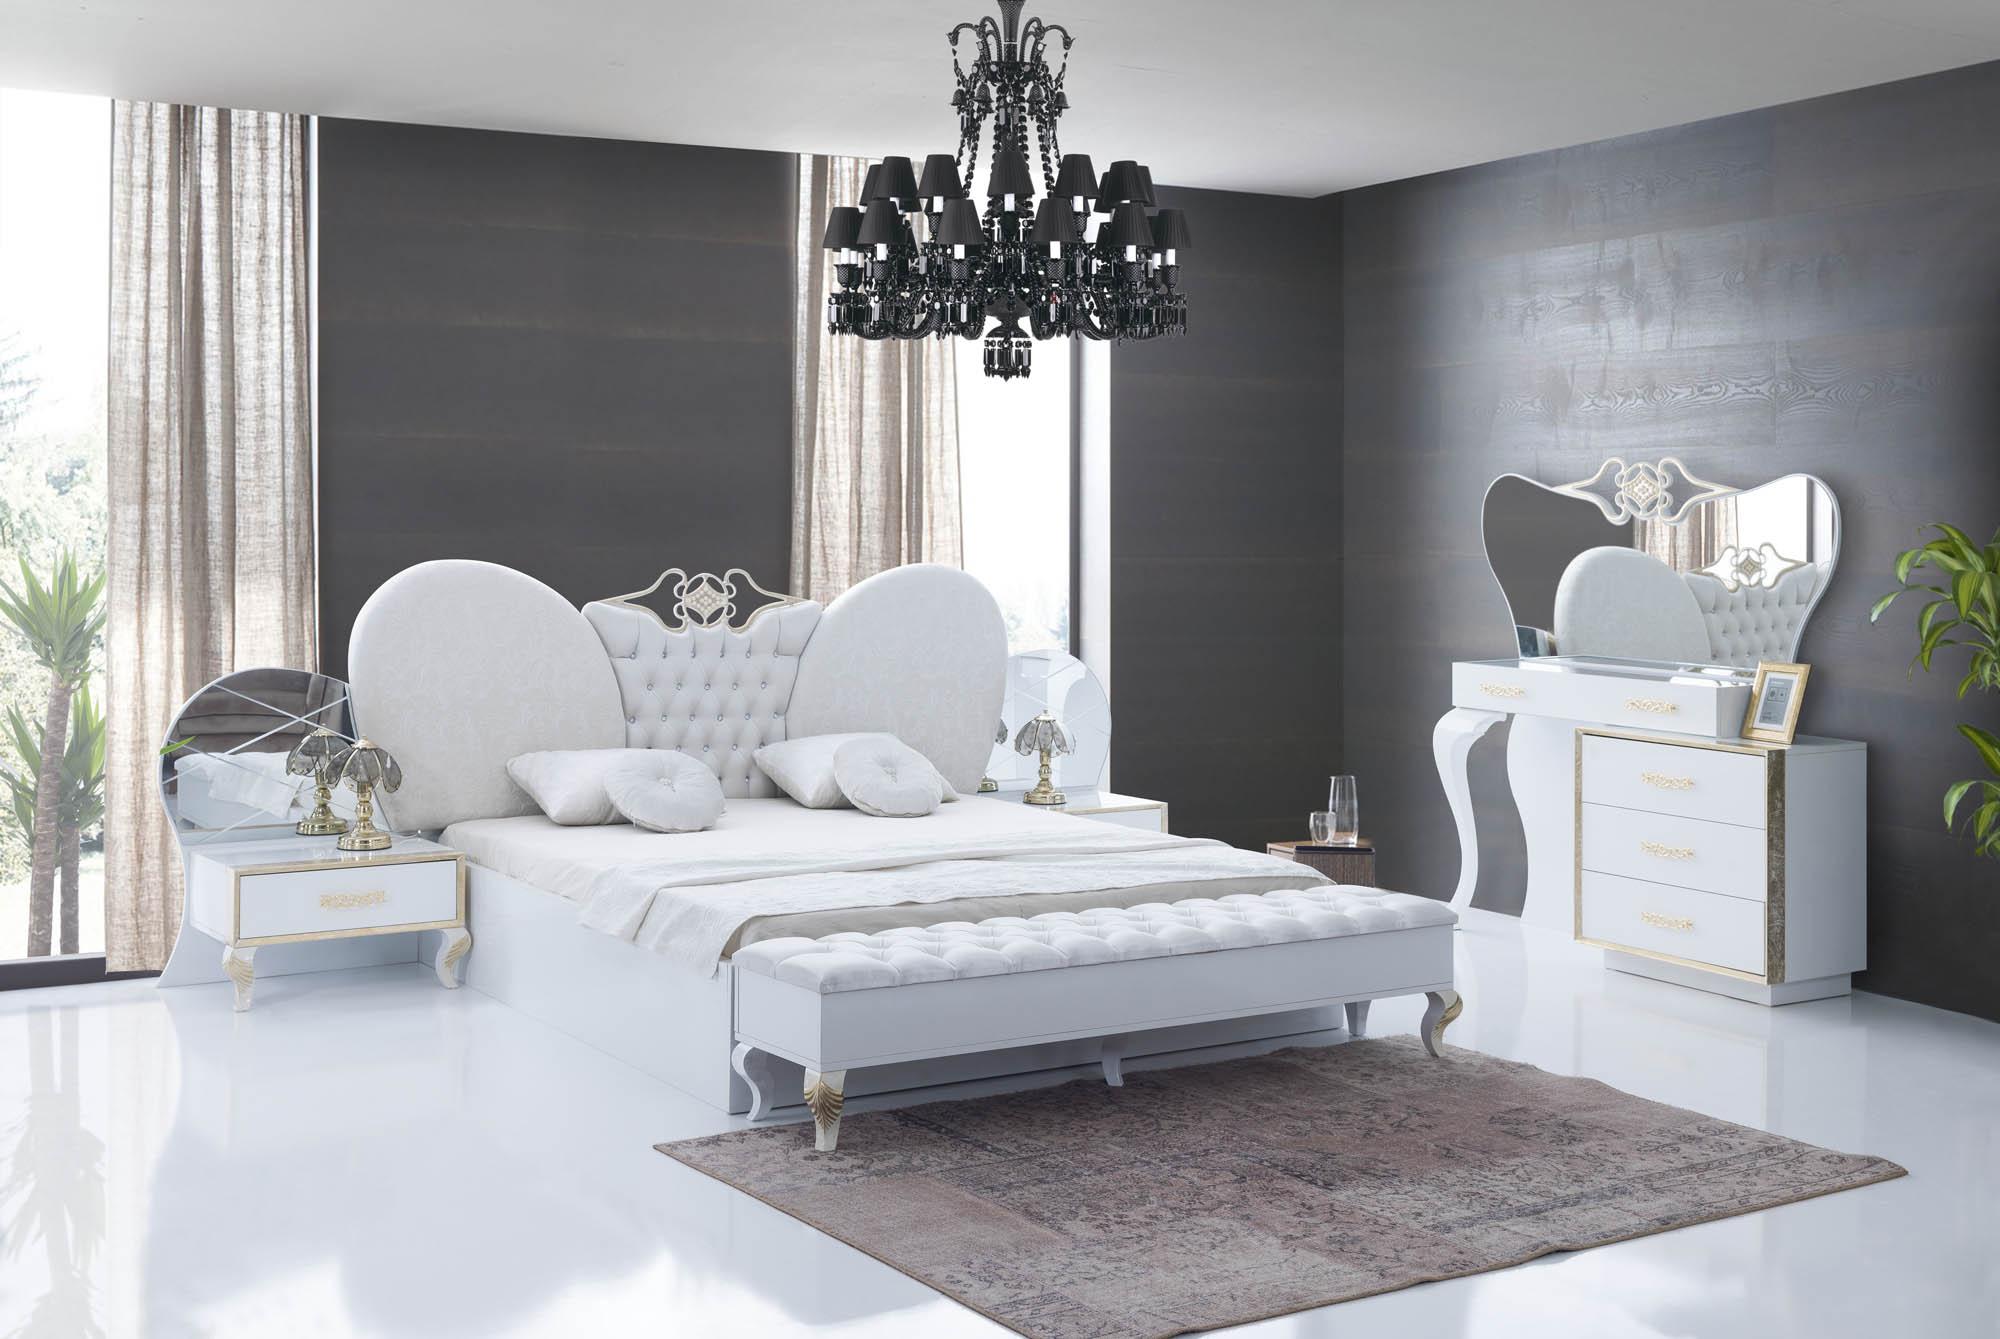 Saray bedroom